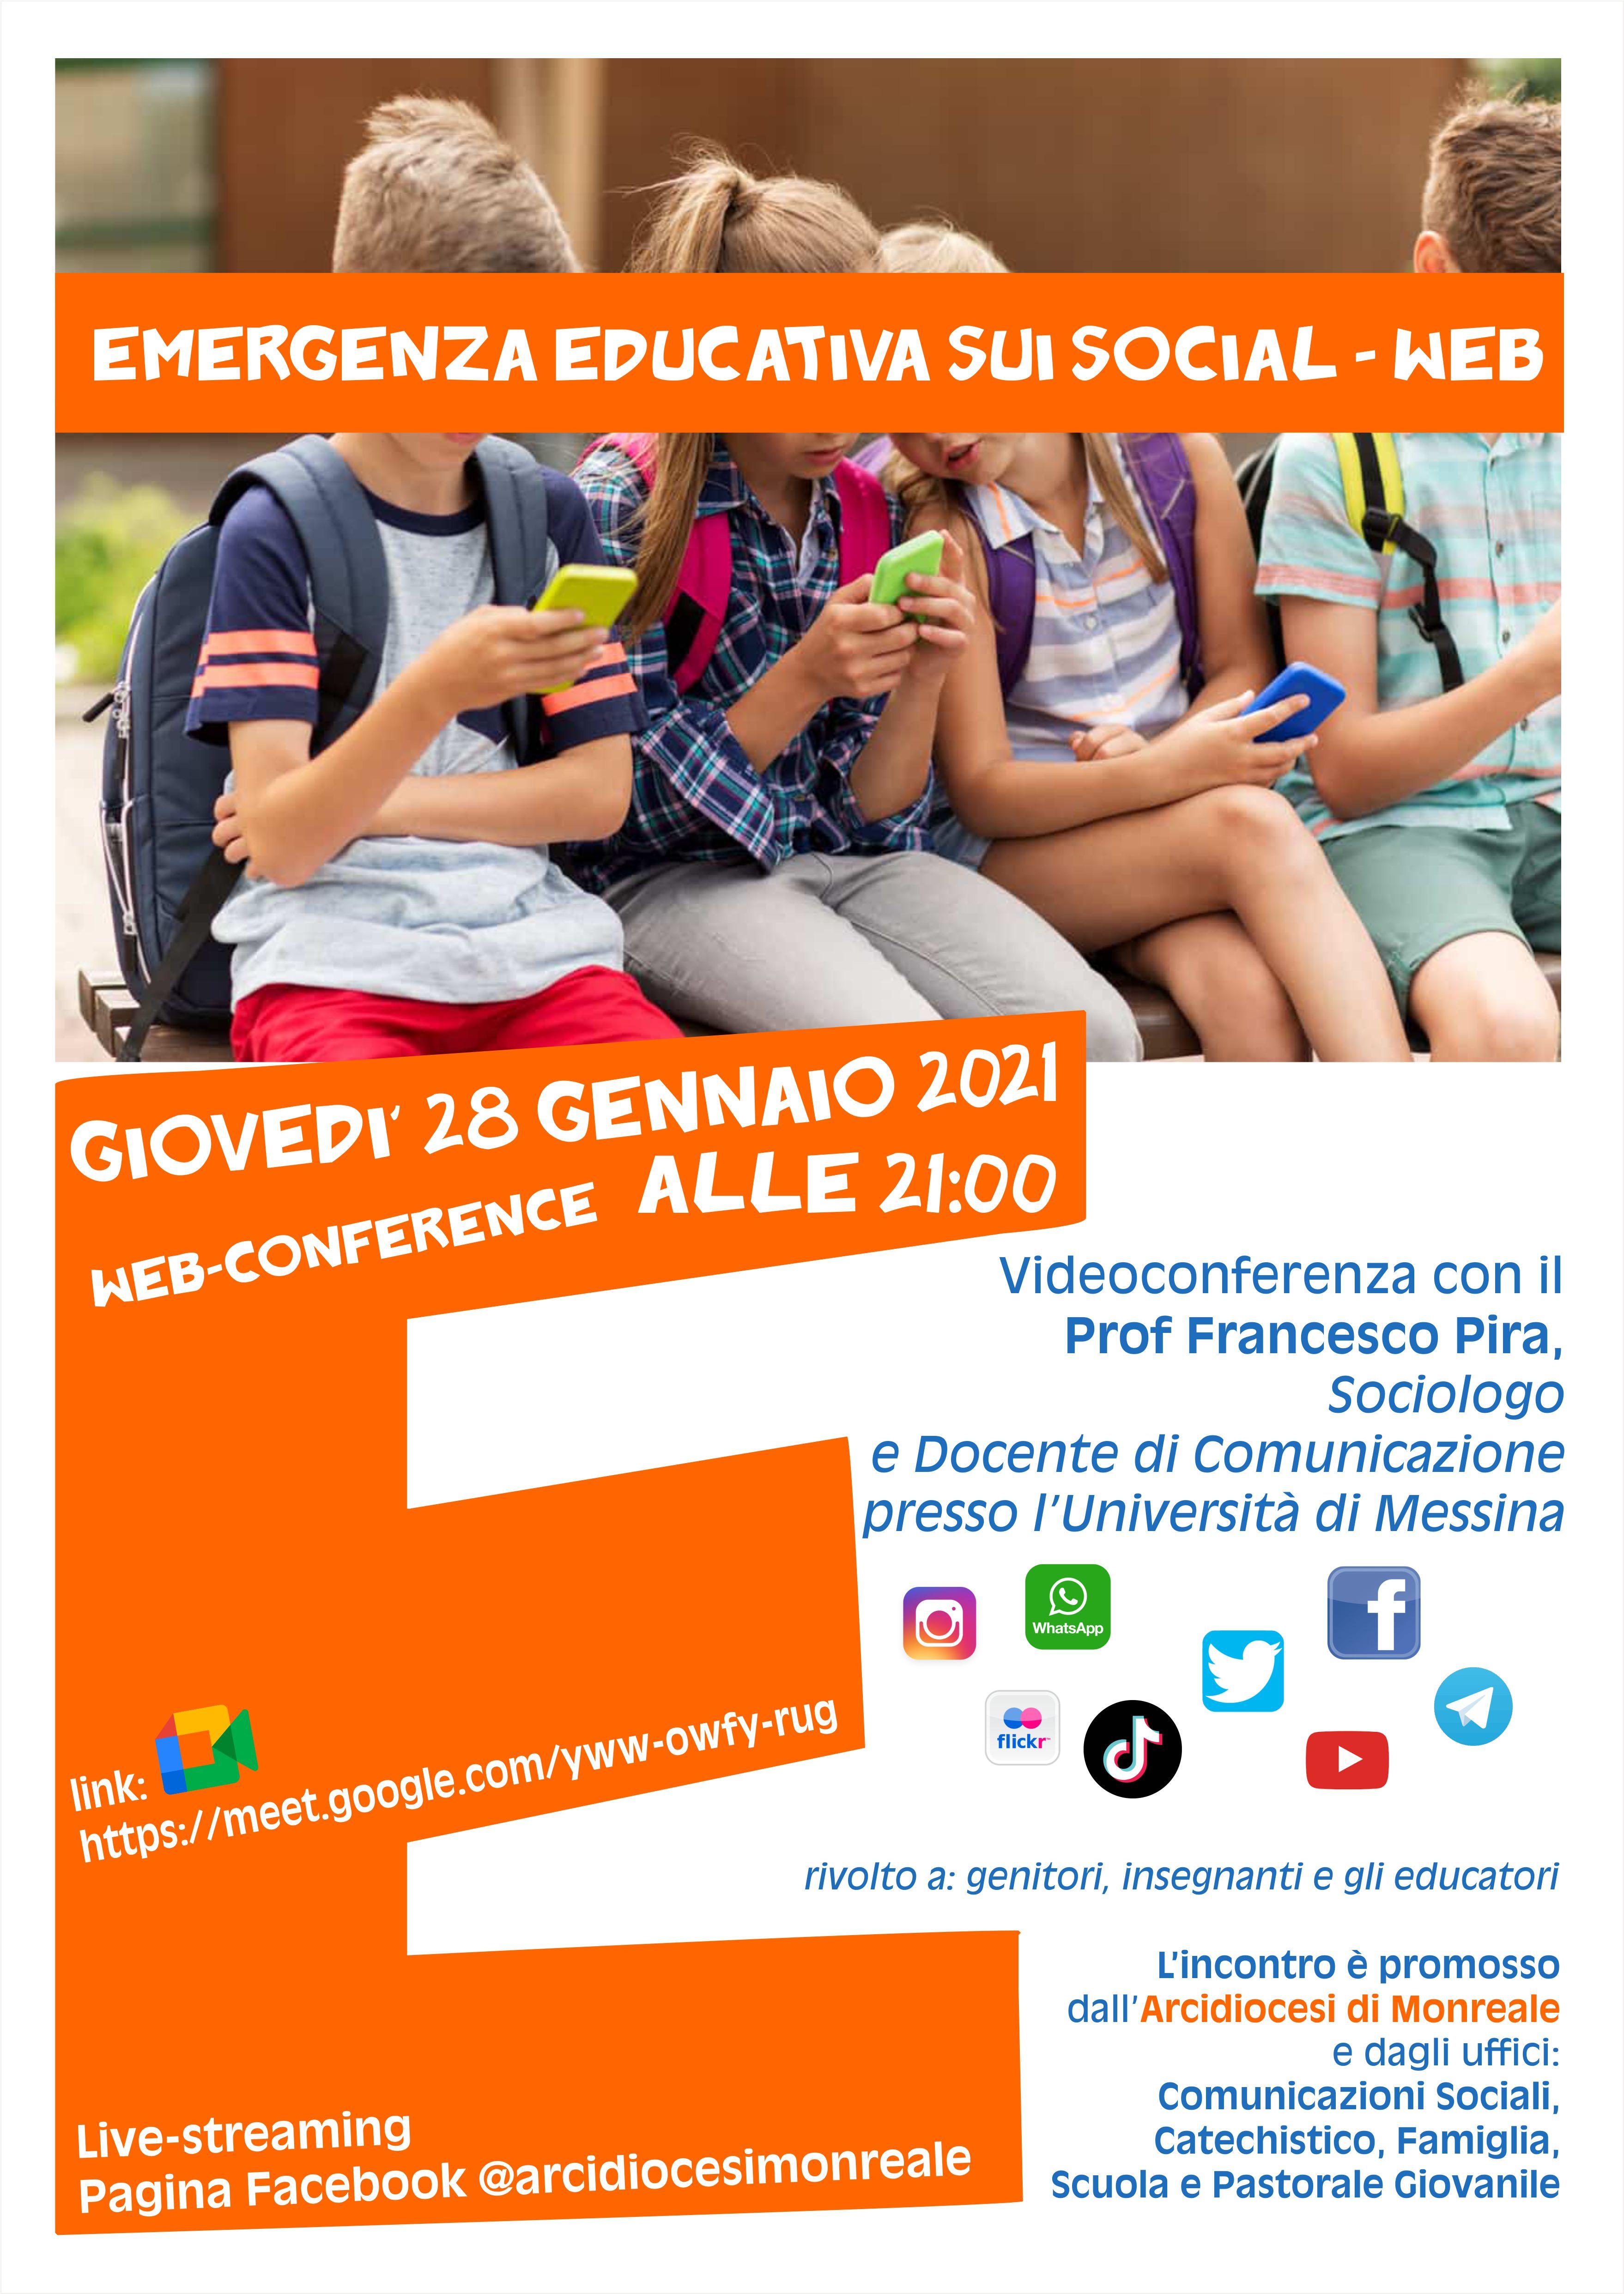 EMERGENZA EDUCATIVA SUI SOCIAL-WEB PER GENITORI, INSEGNANTI ED EDUCATORI